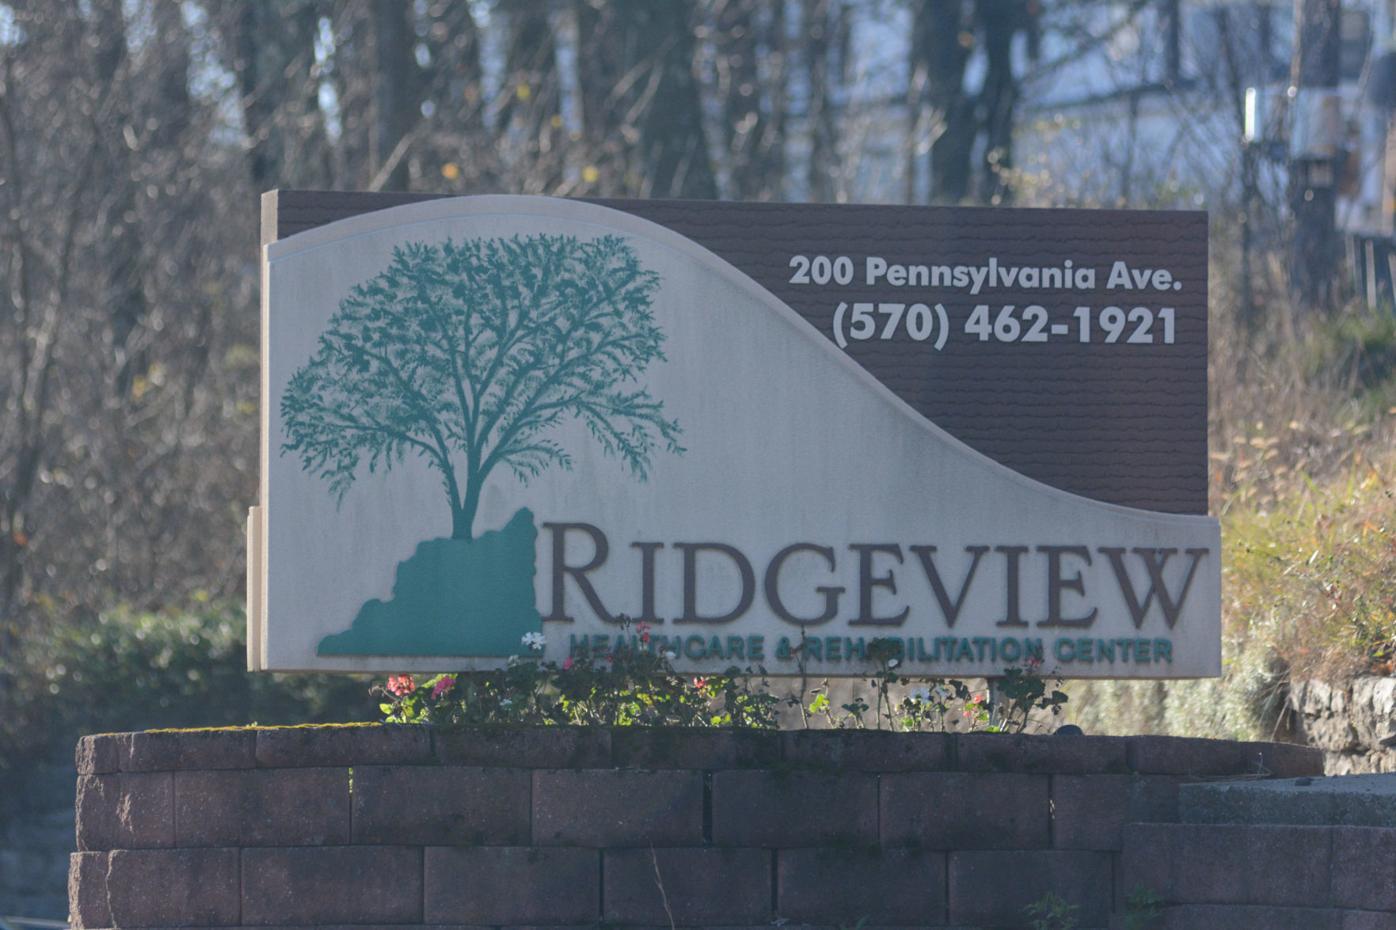 Ridgeview